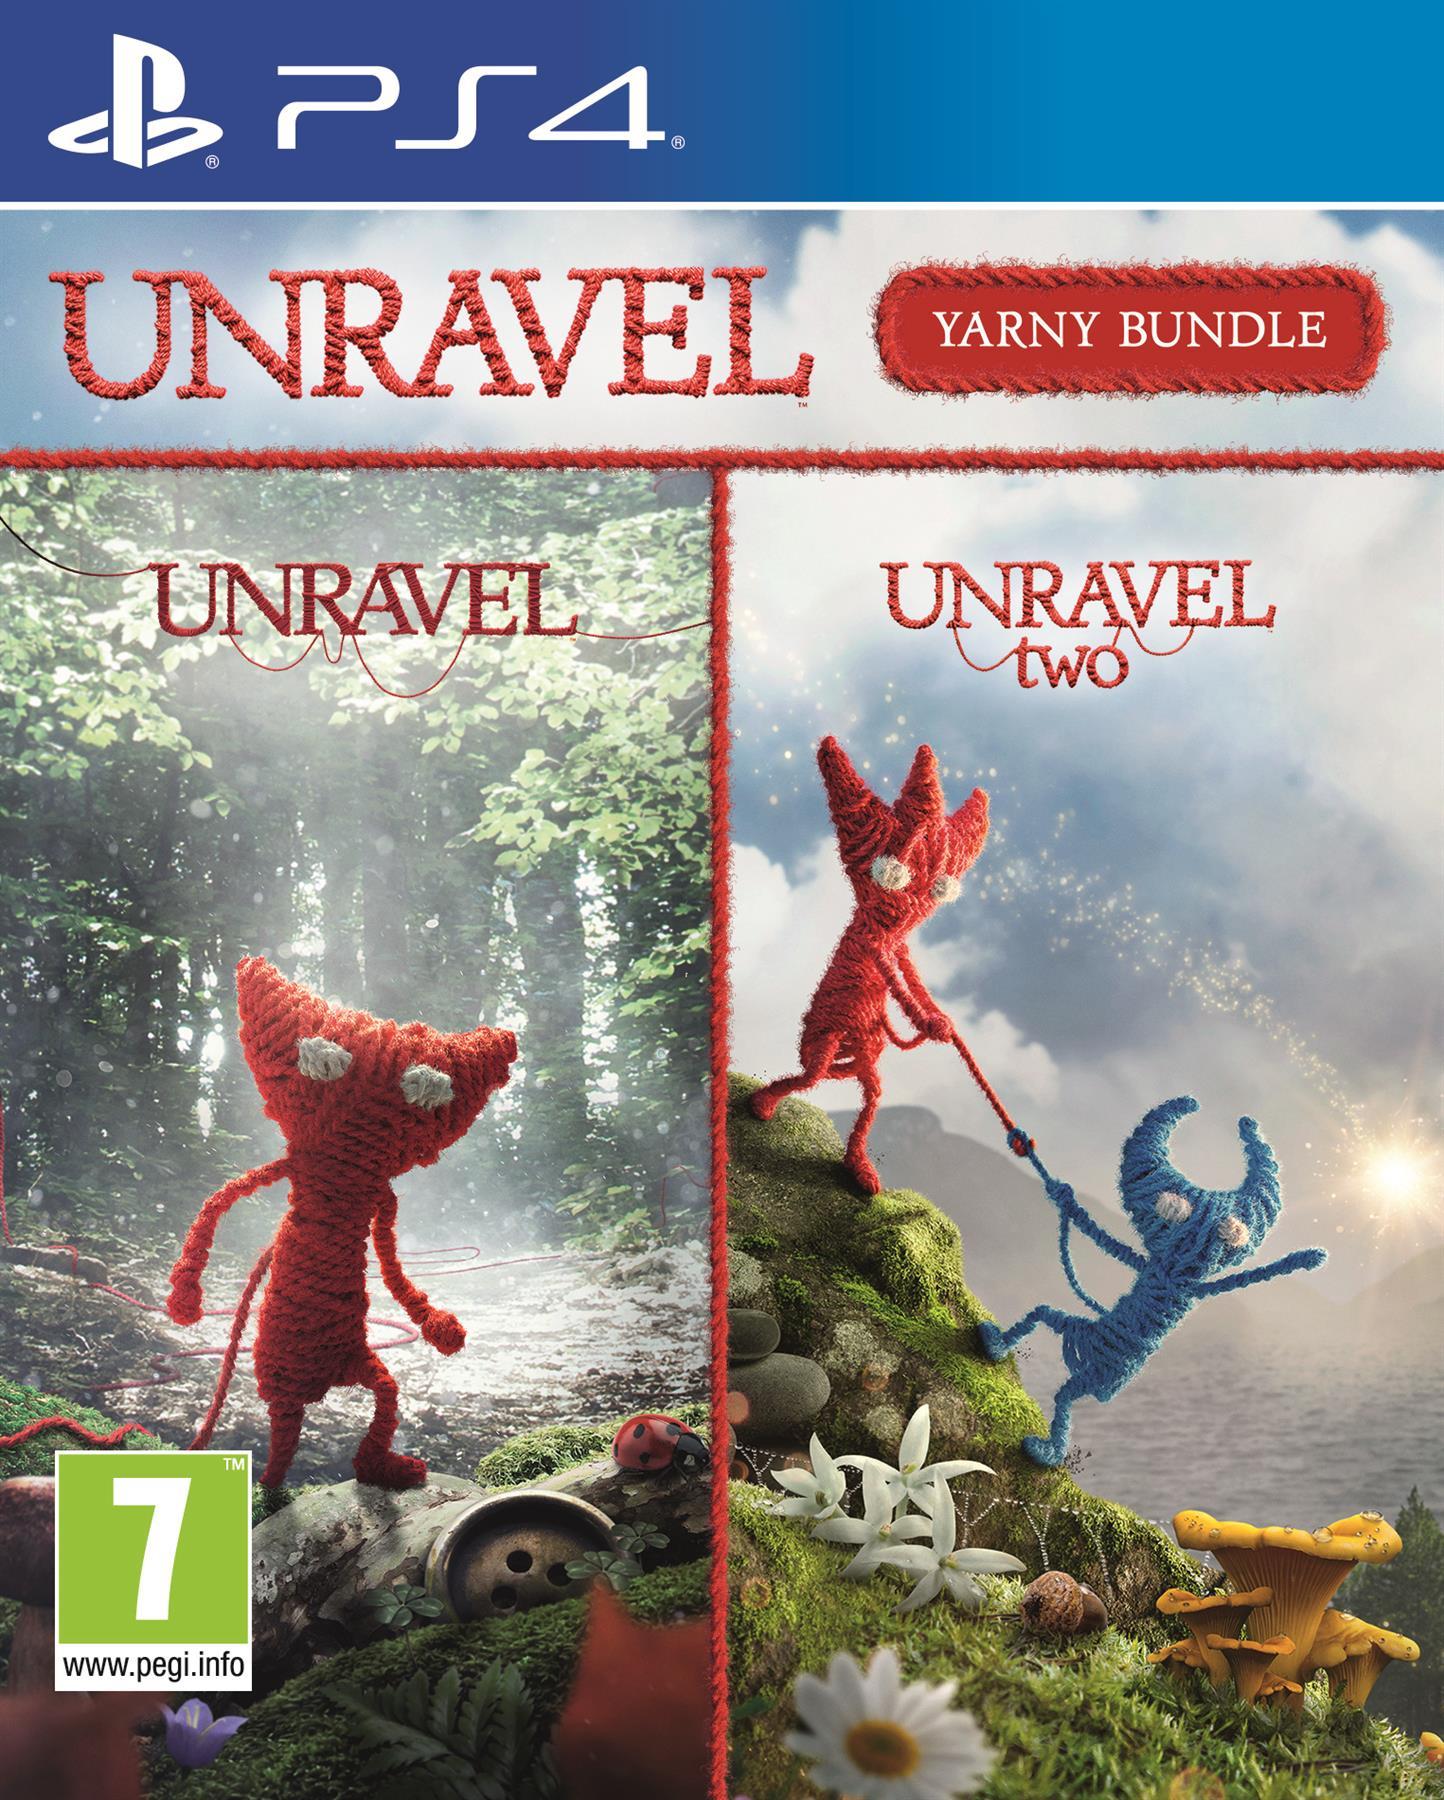 Igra UNRAVEL YARNY BUNDLE PS4